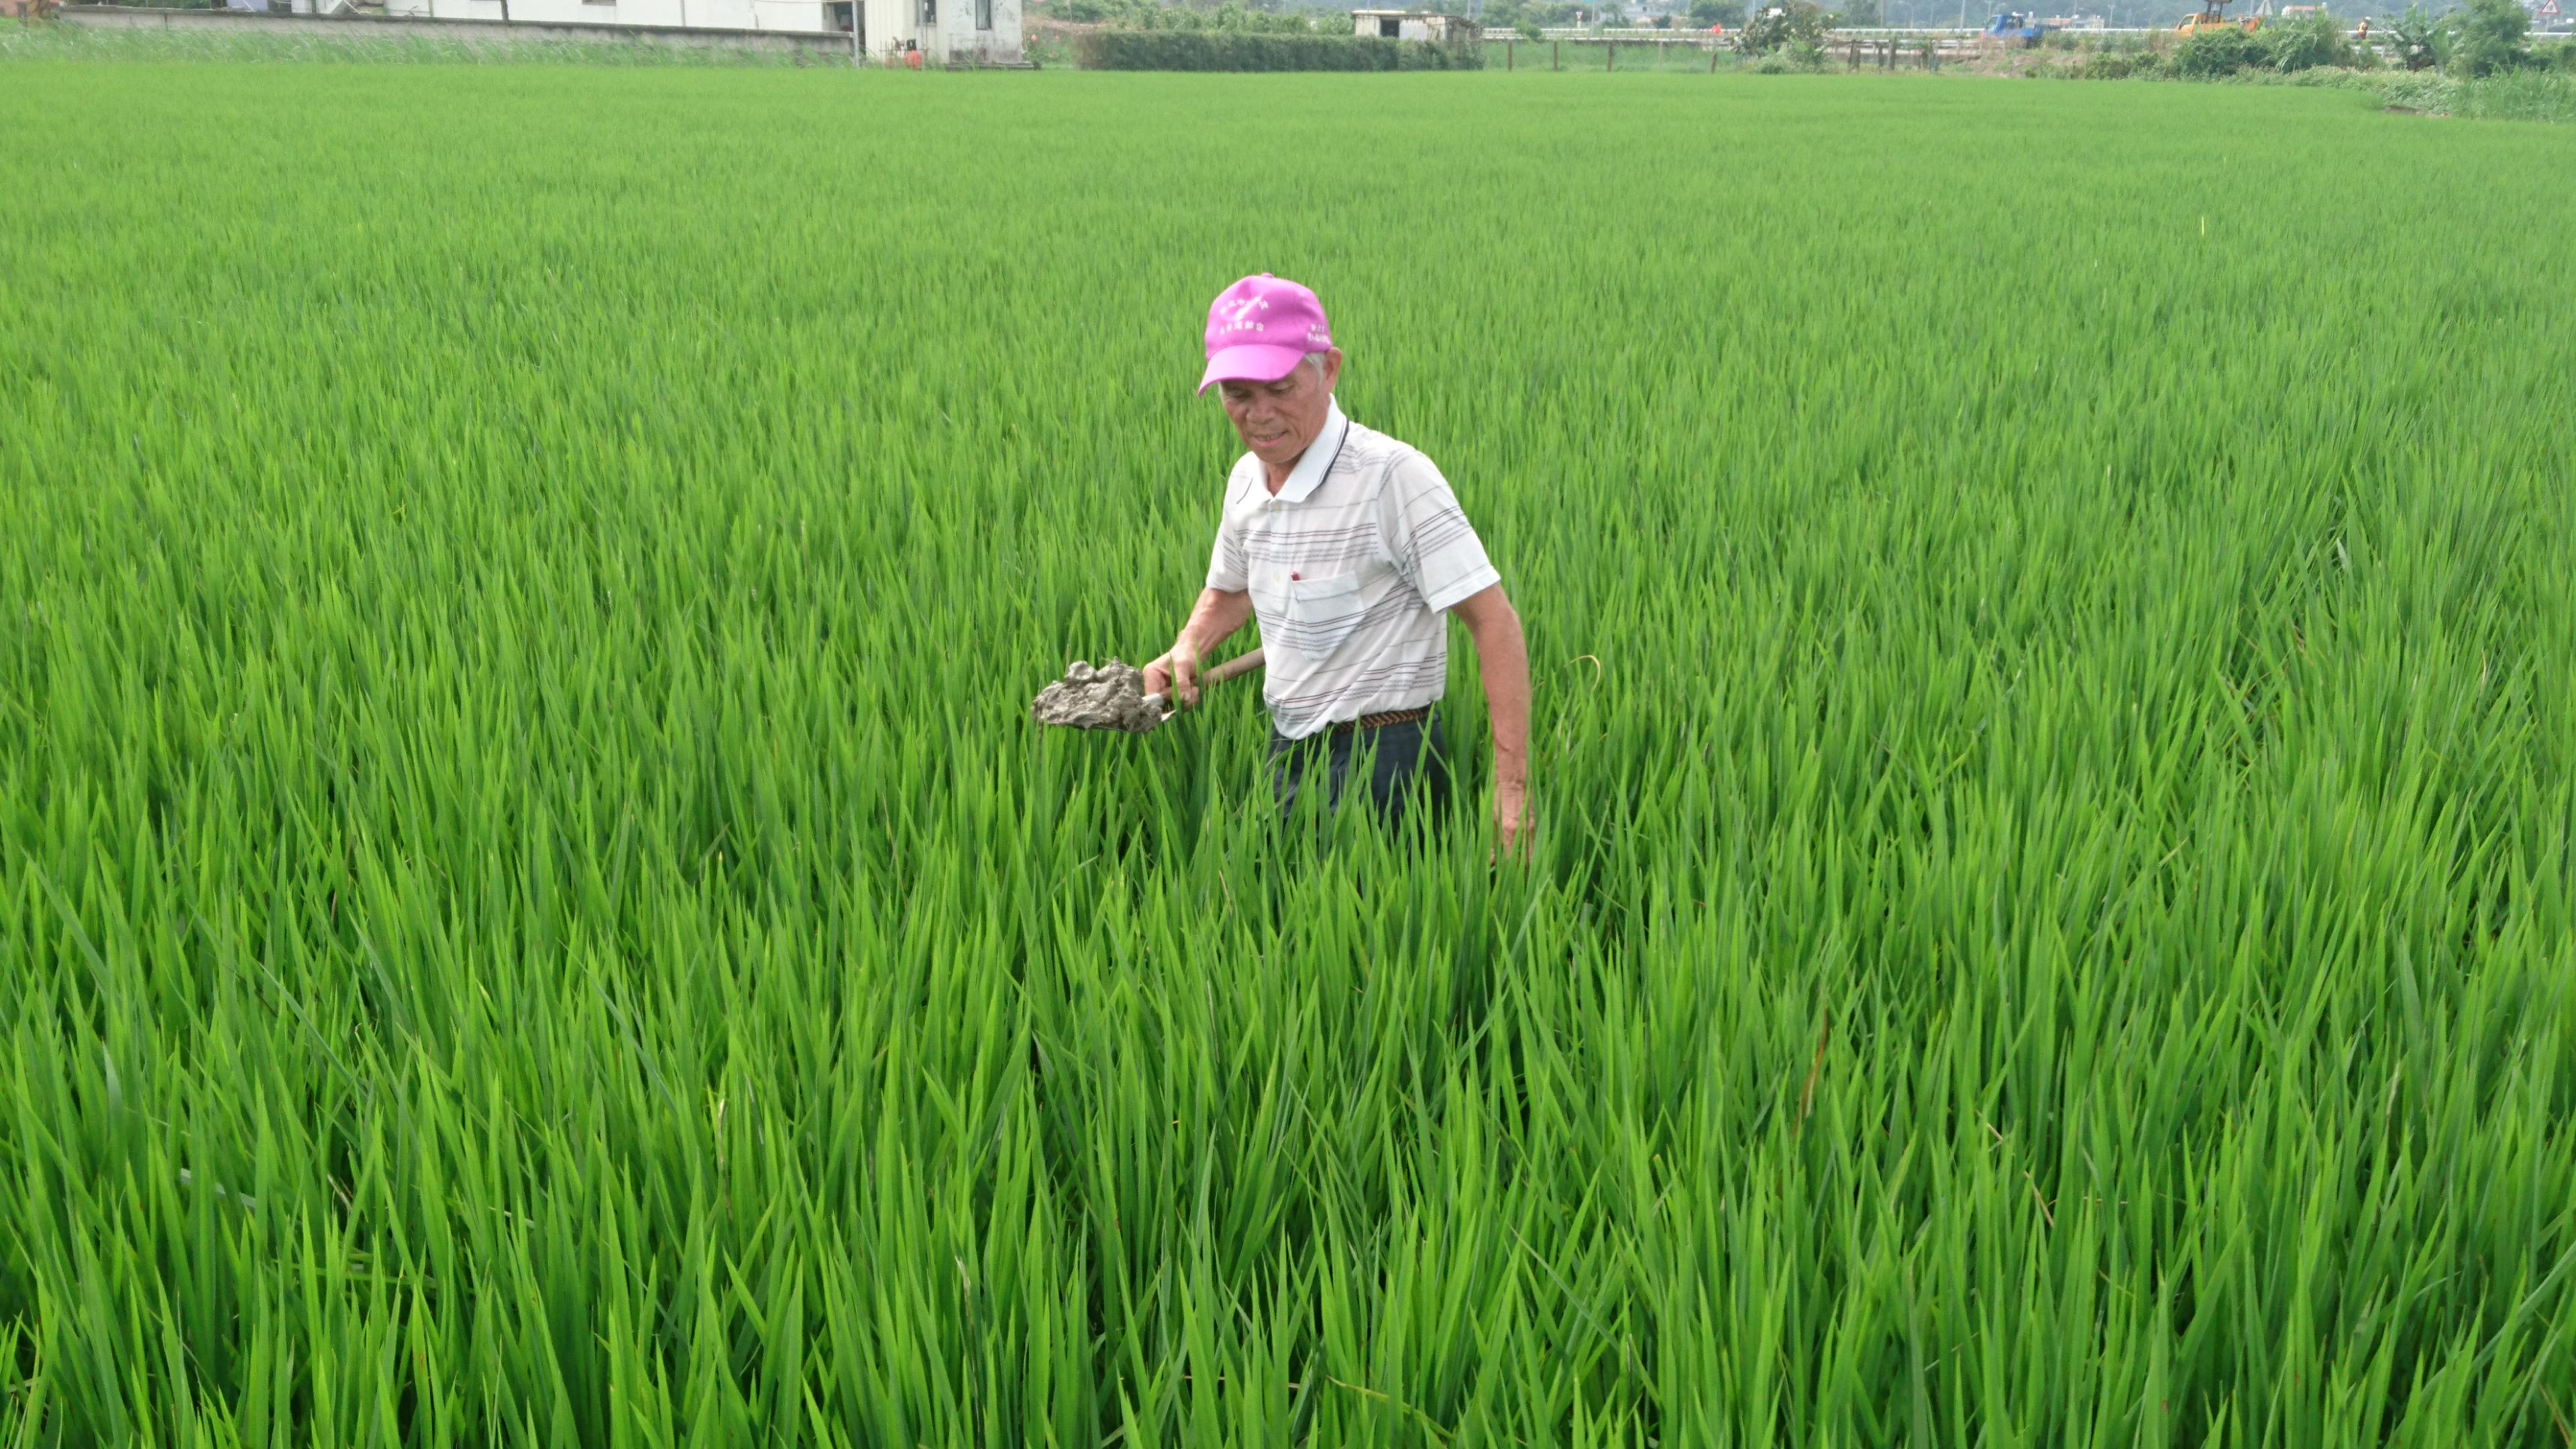 鼓勵農民轉型友善耕作